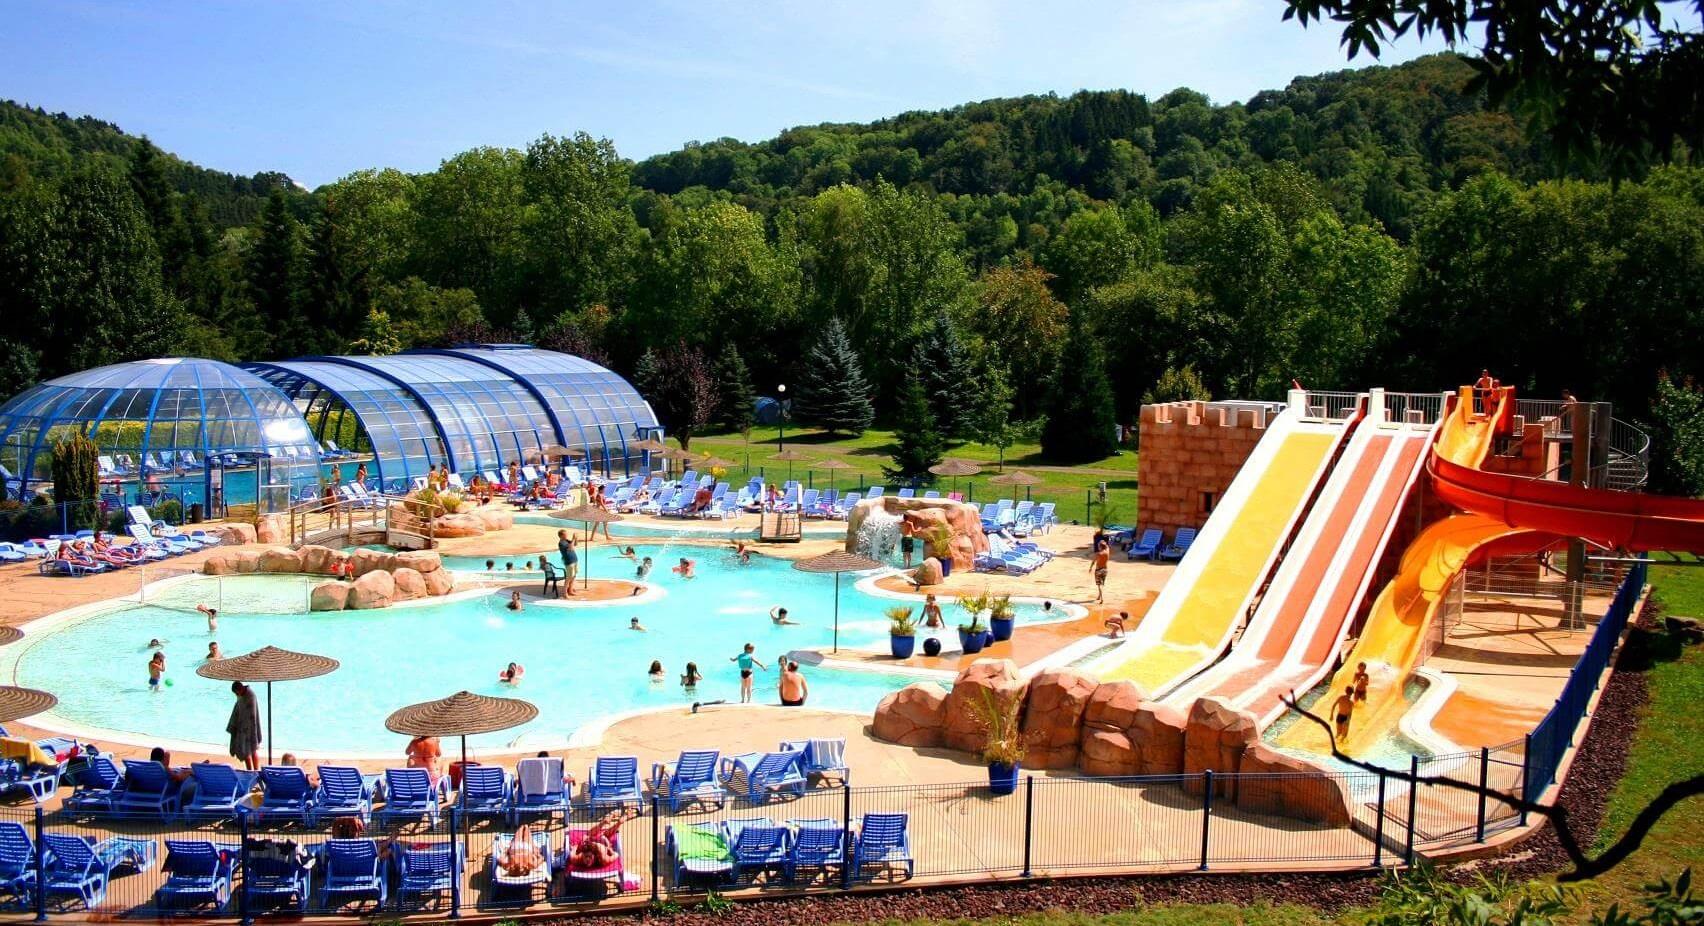 Camping Auvergne Parc Aquatique : Réservez Vos Vacances destiné Camping En Auvergne Avec Piscine